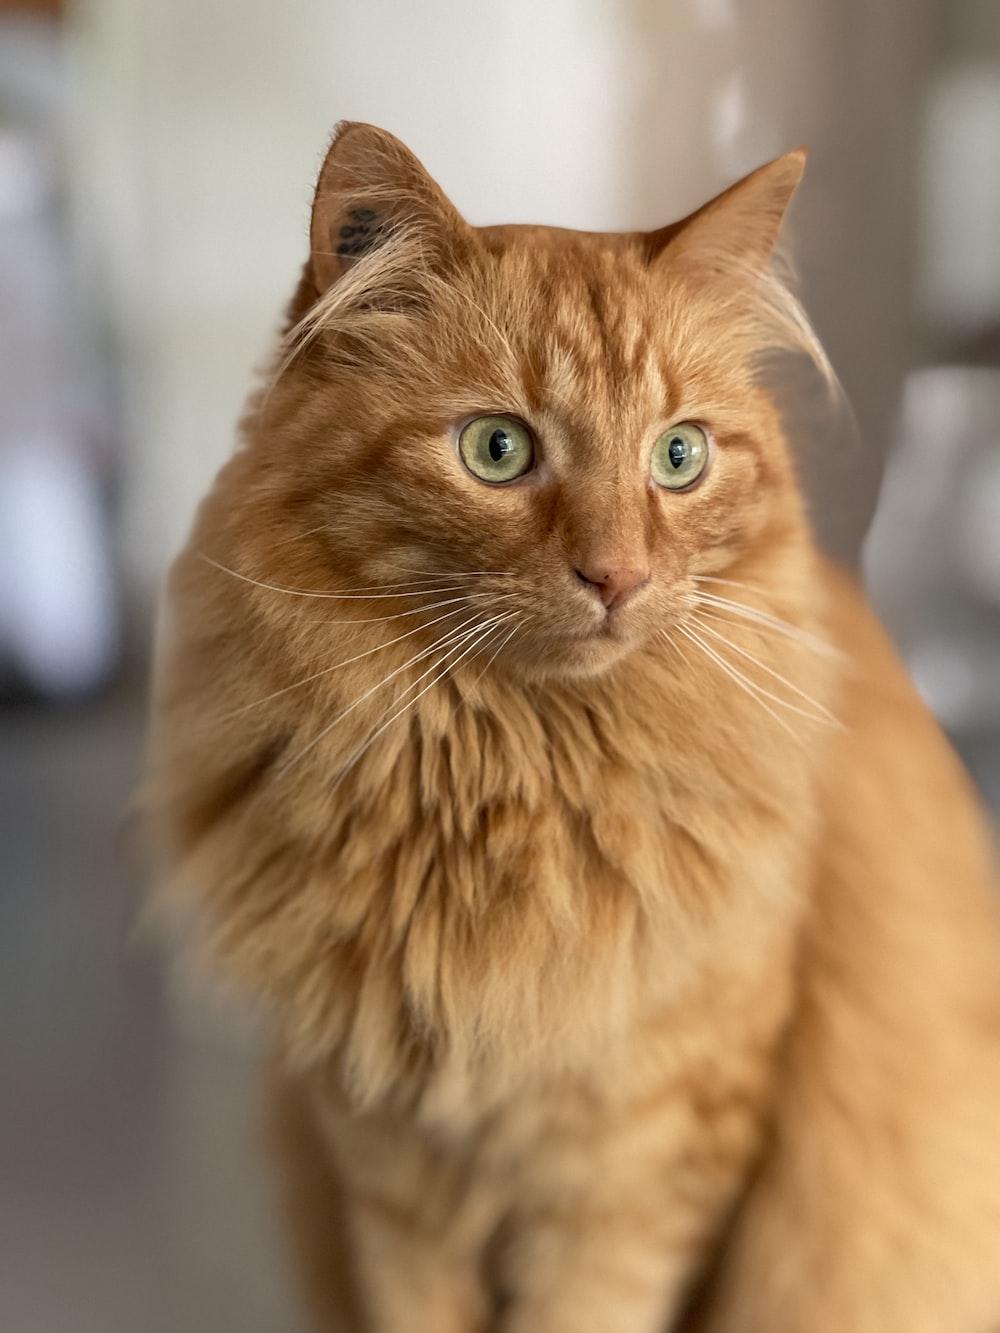 orange tabby cat in tilt shift lens